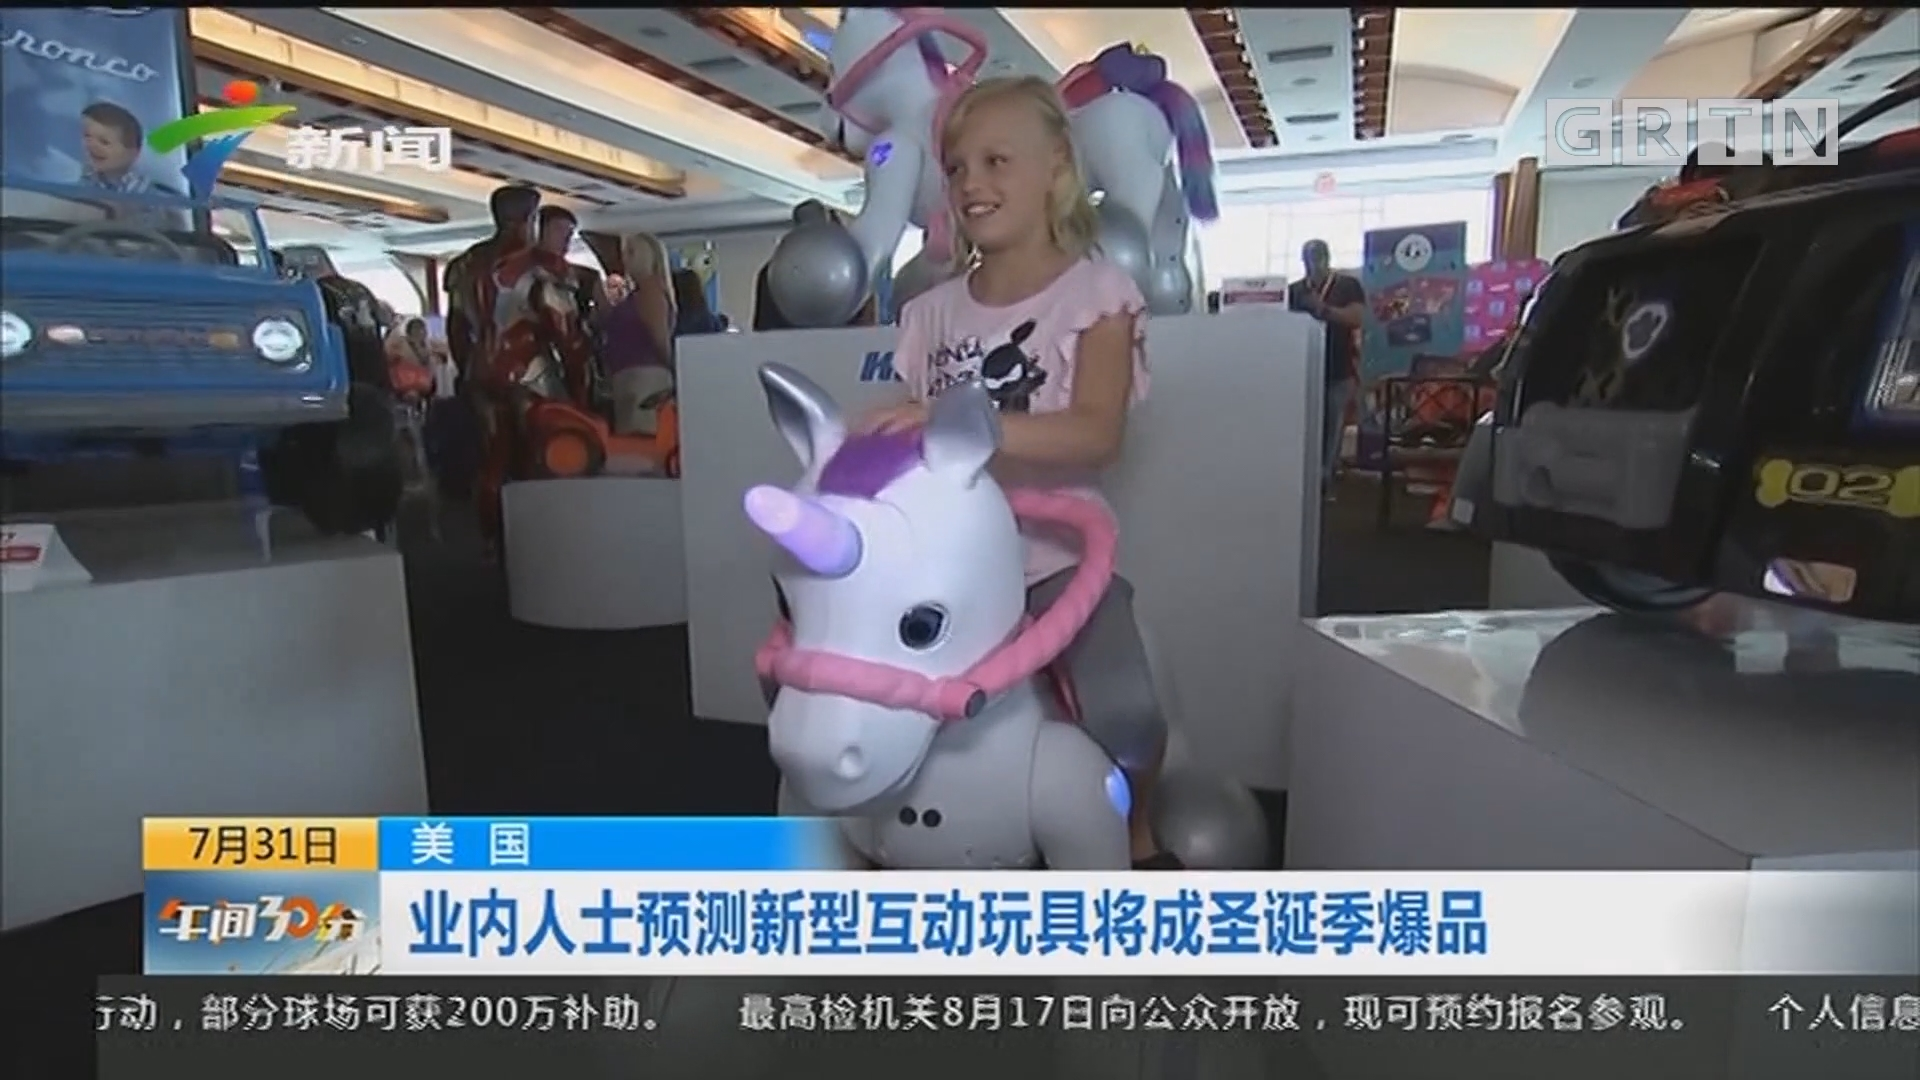 美国:业内人士预测新型互动玩具将成圣诞季爆品